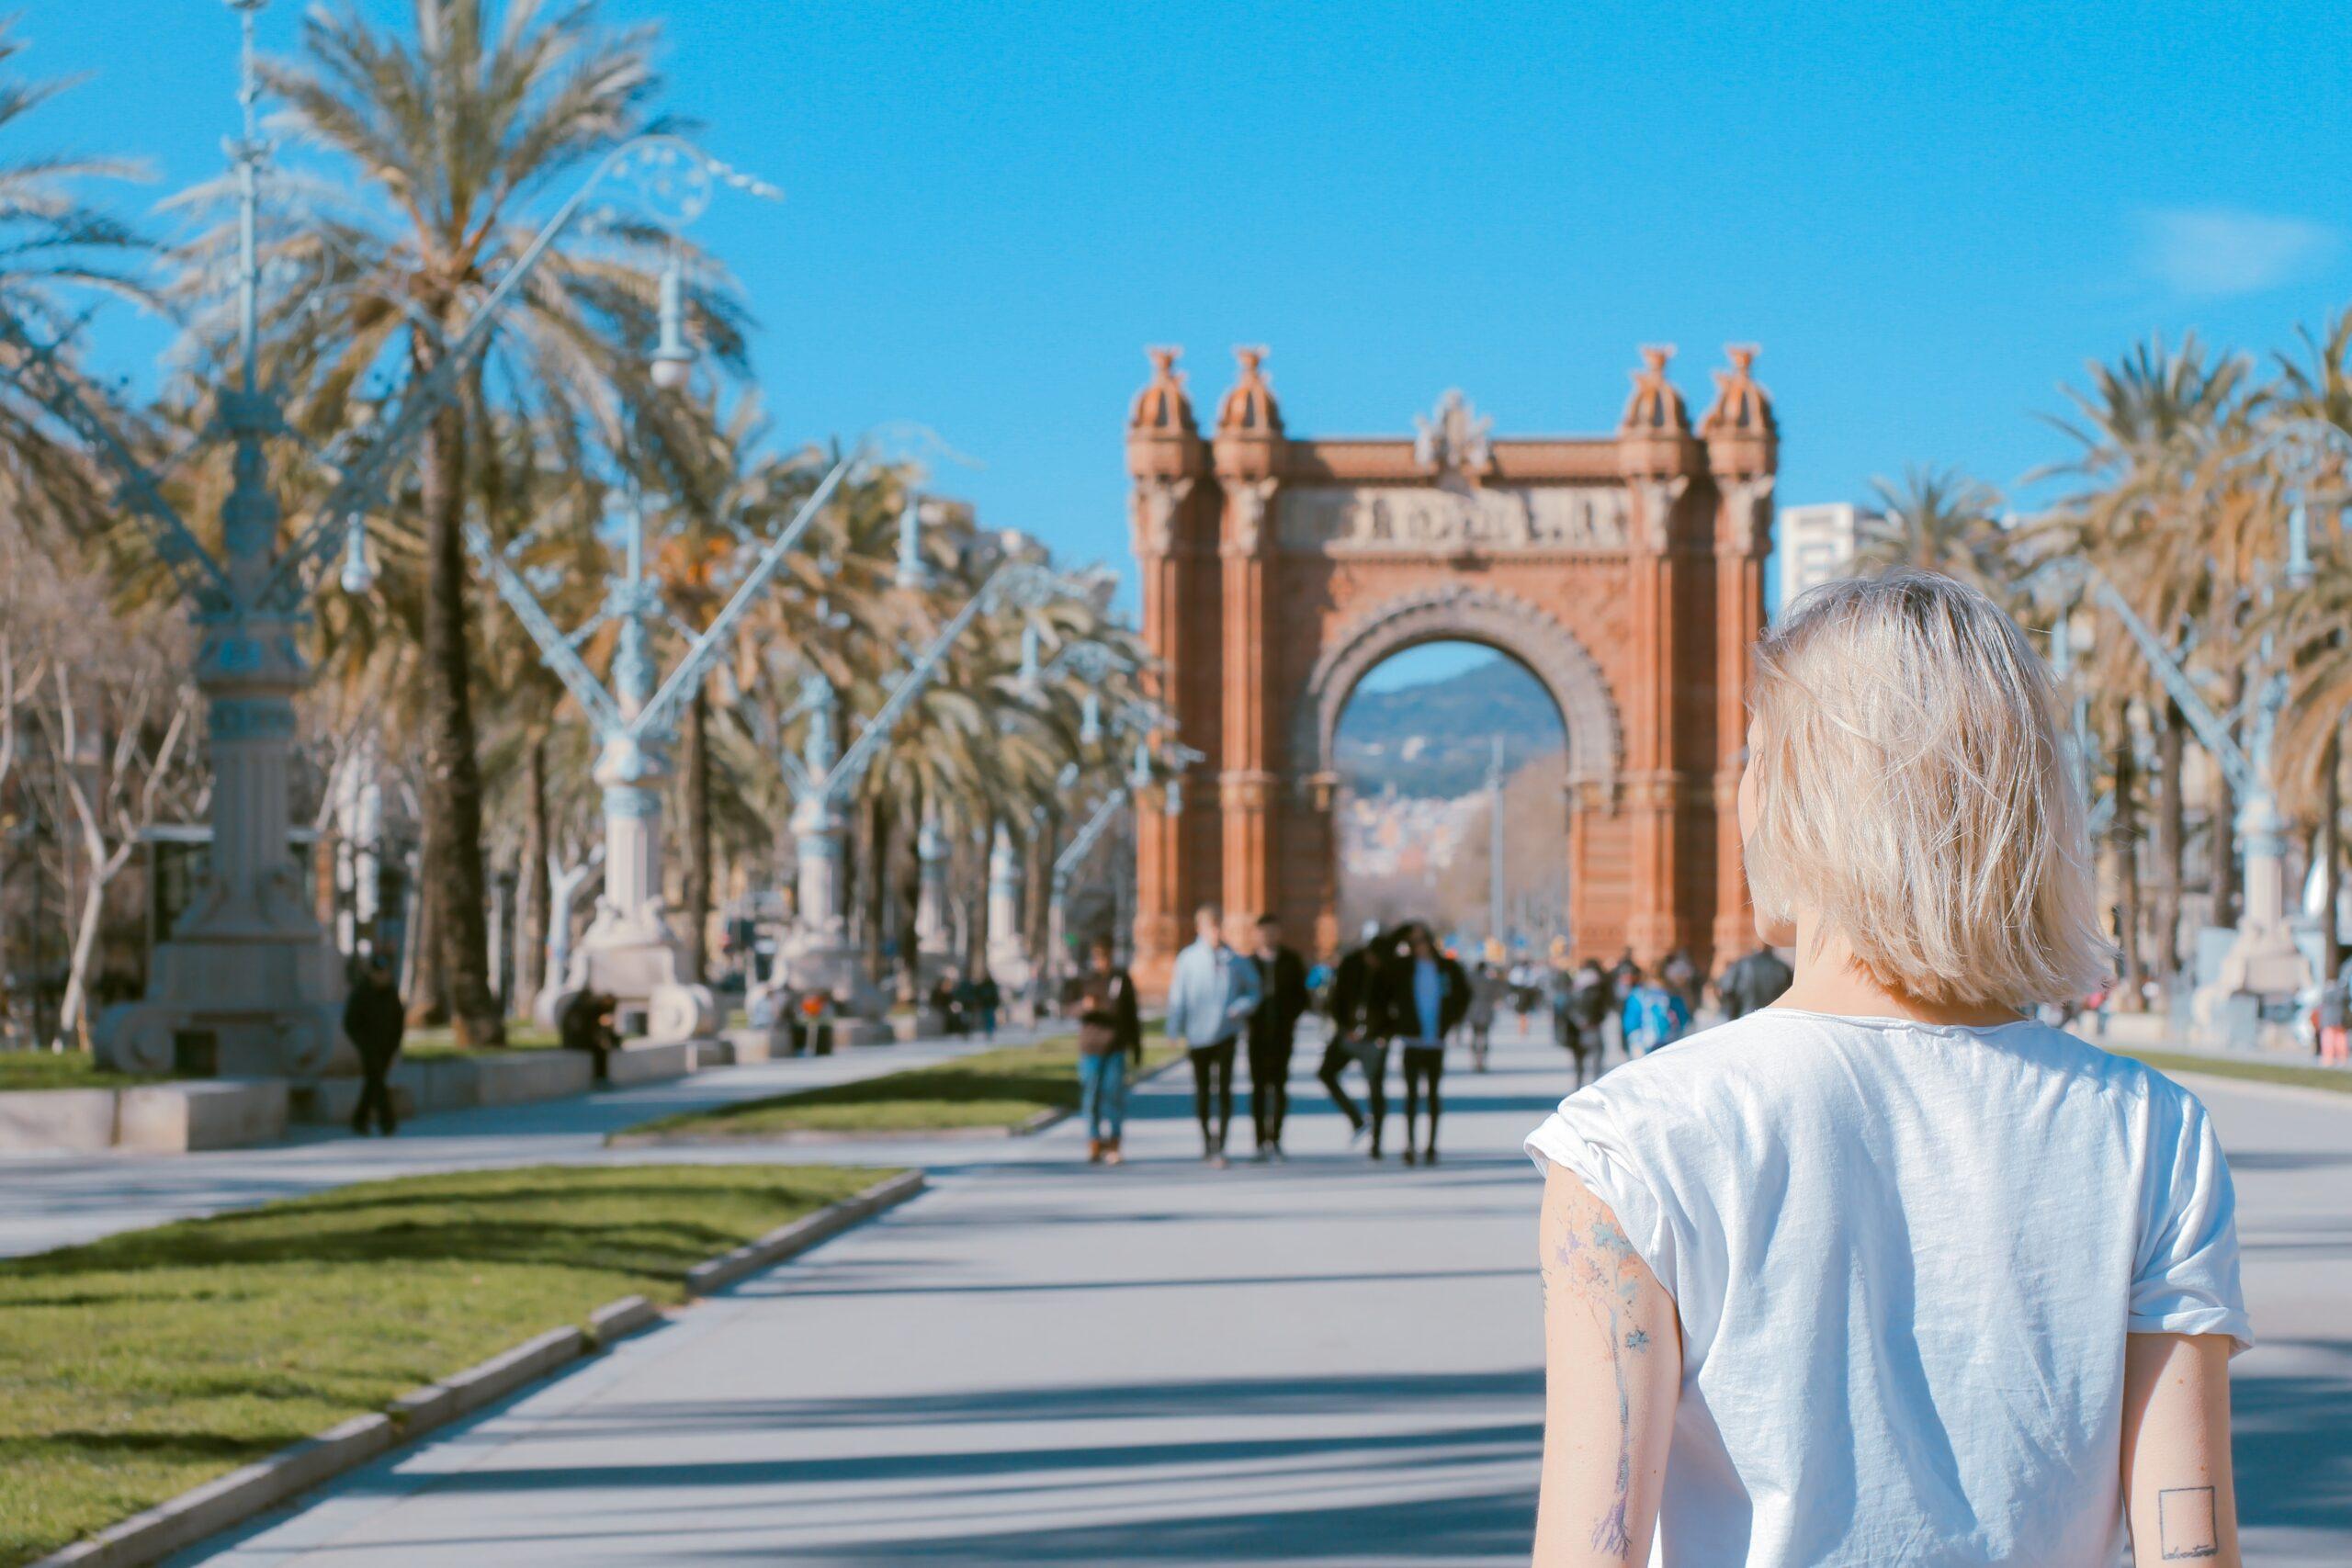 スペイン・バルセロナの凱旋門の前に立っている女性